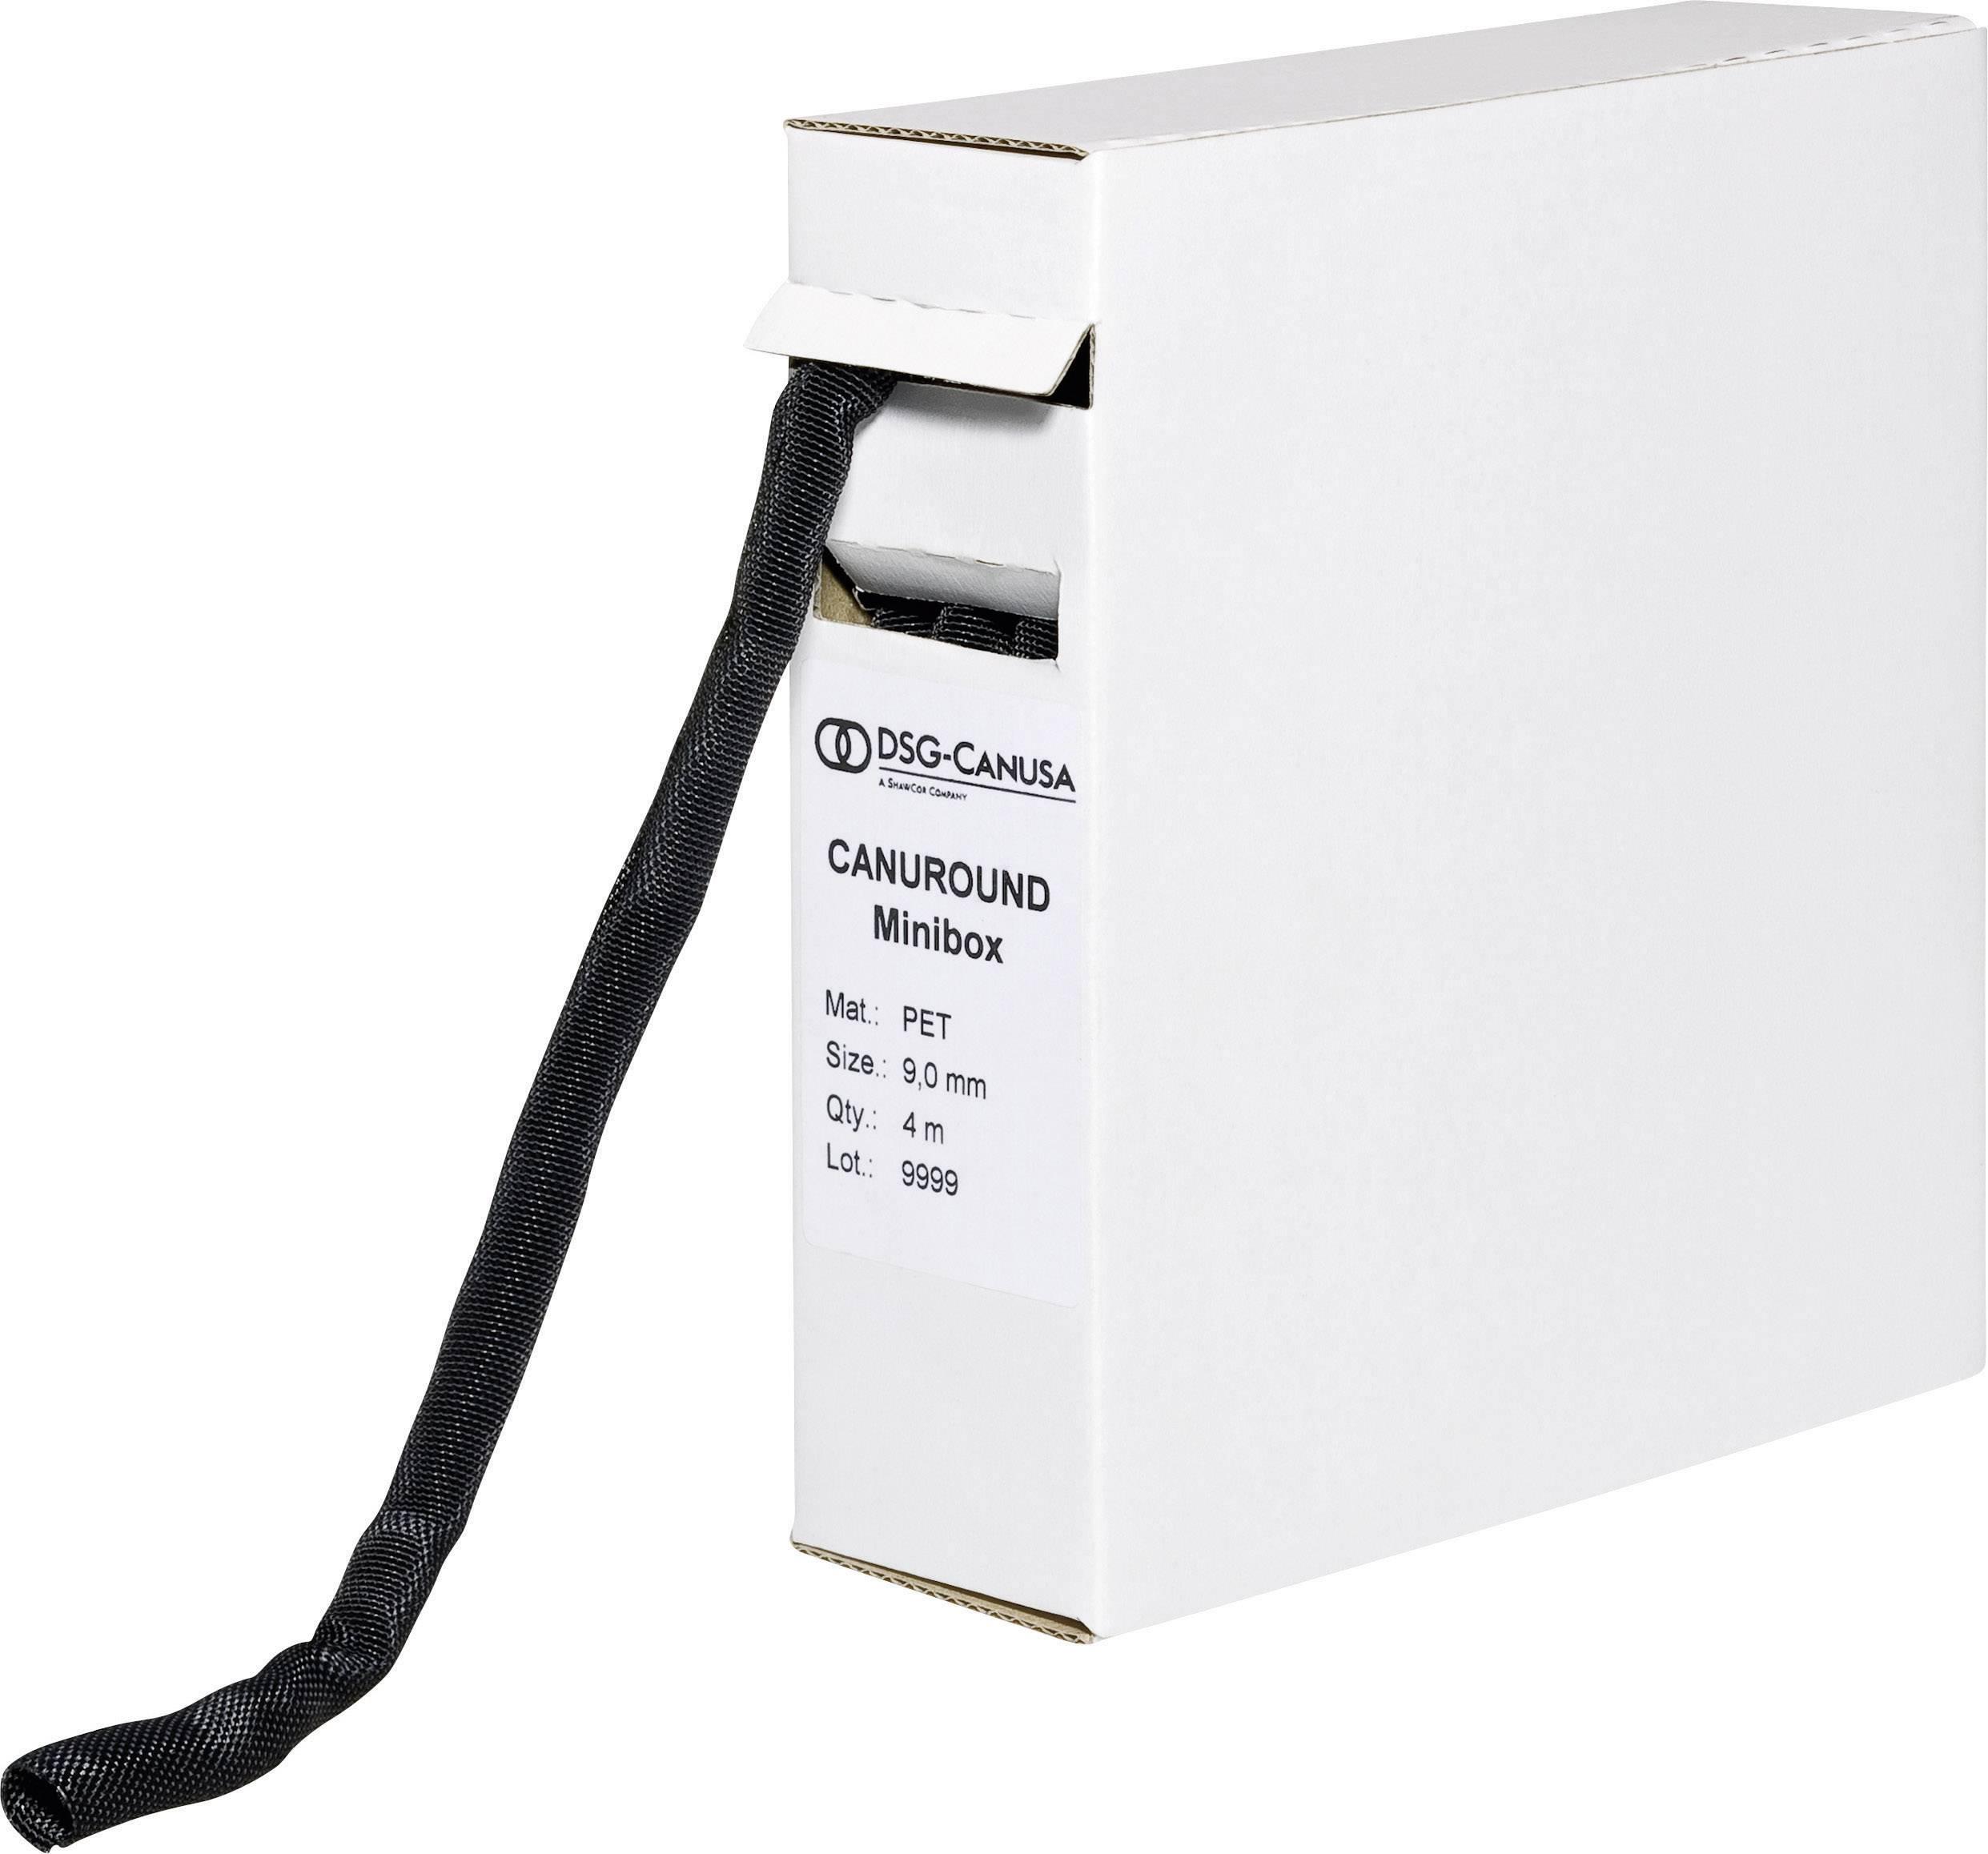 Ochranný oplet DSG Canusa Canuround Mini Box (8690050955), černá